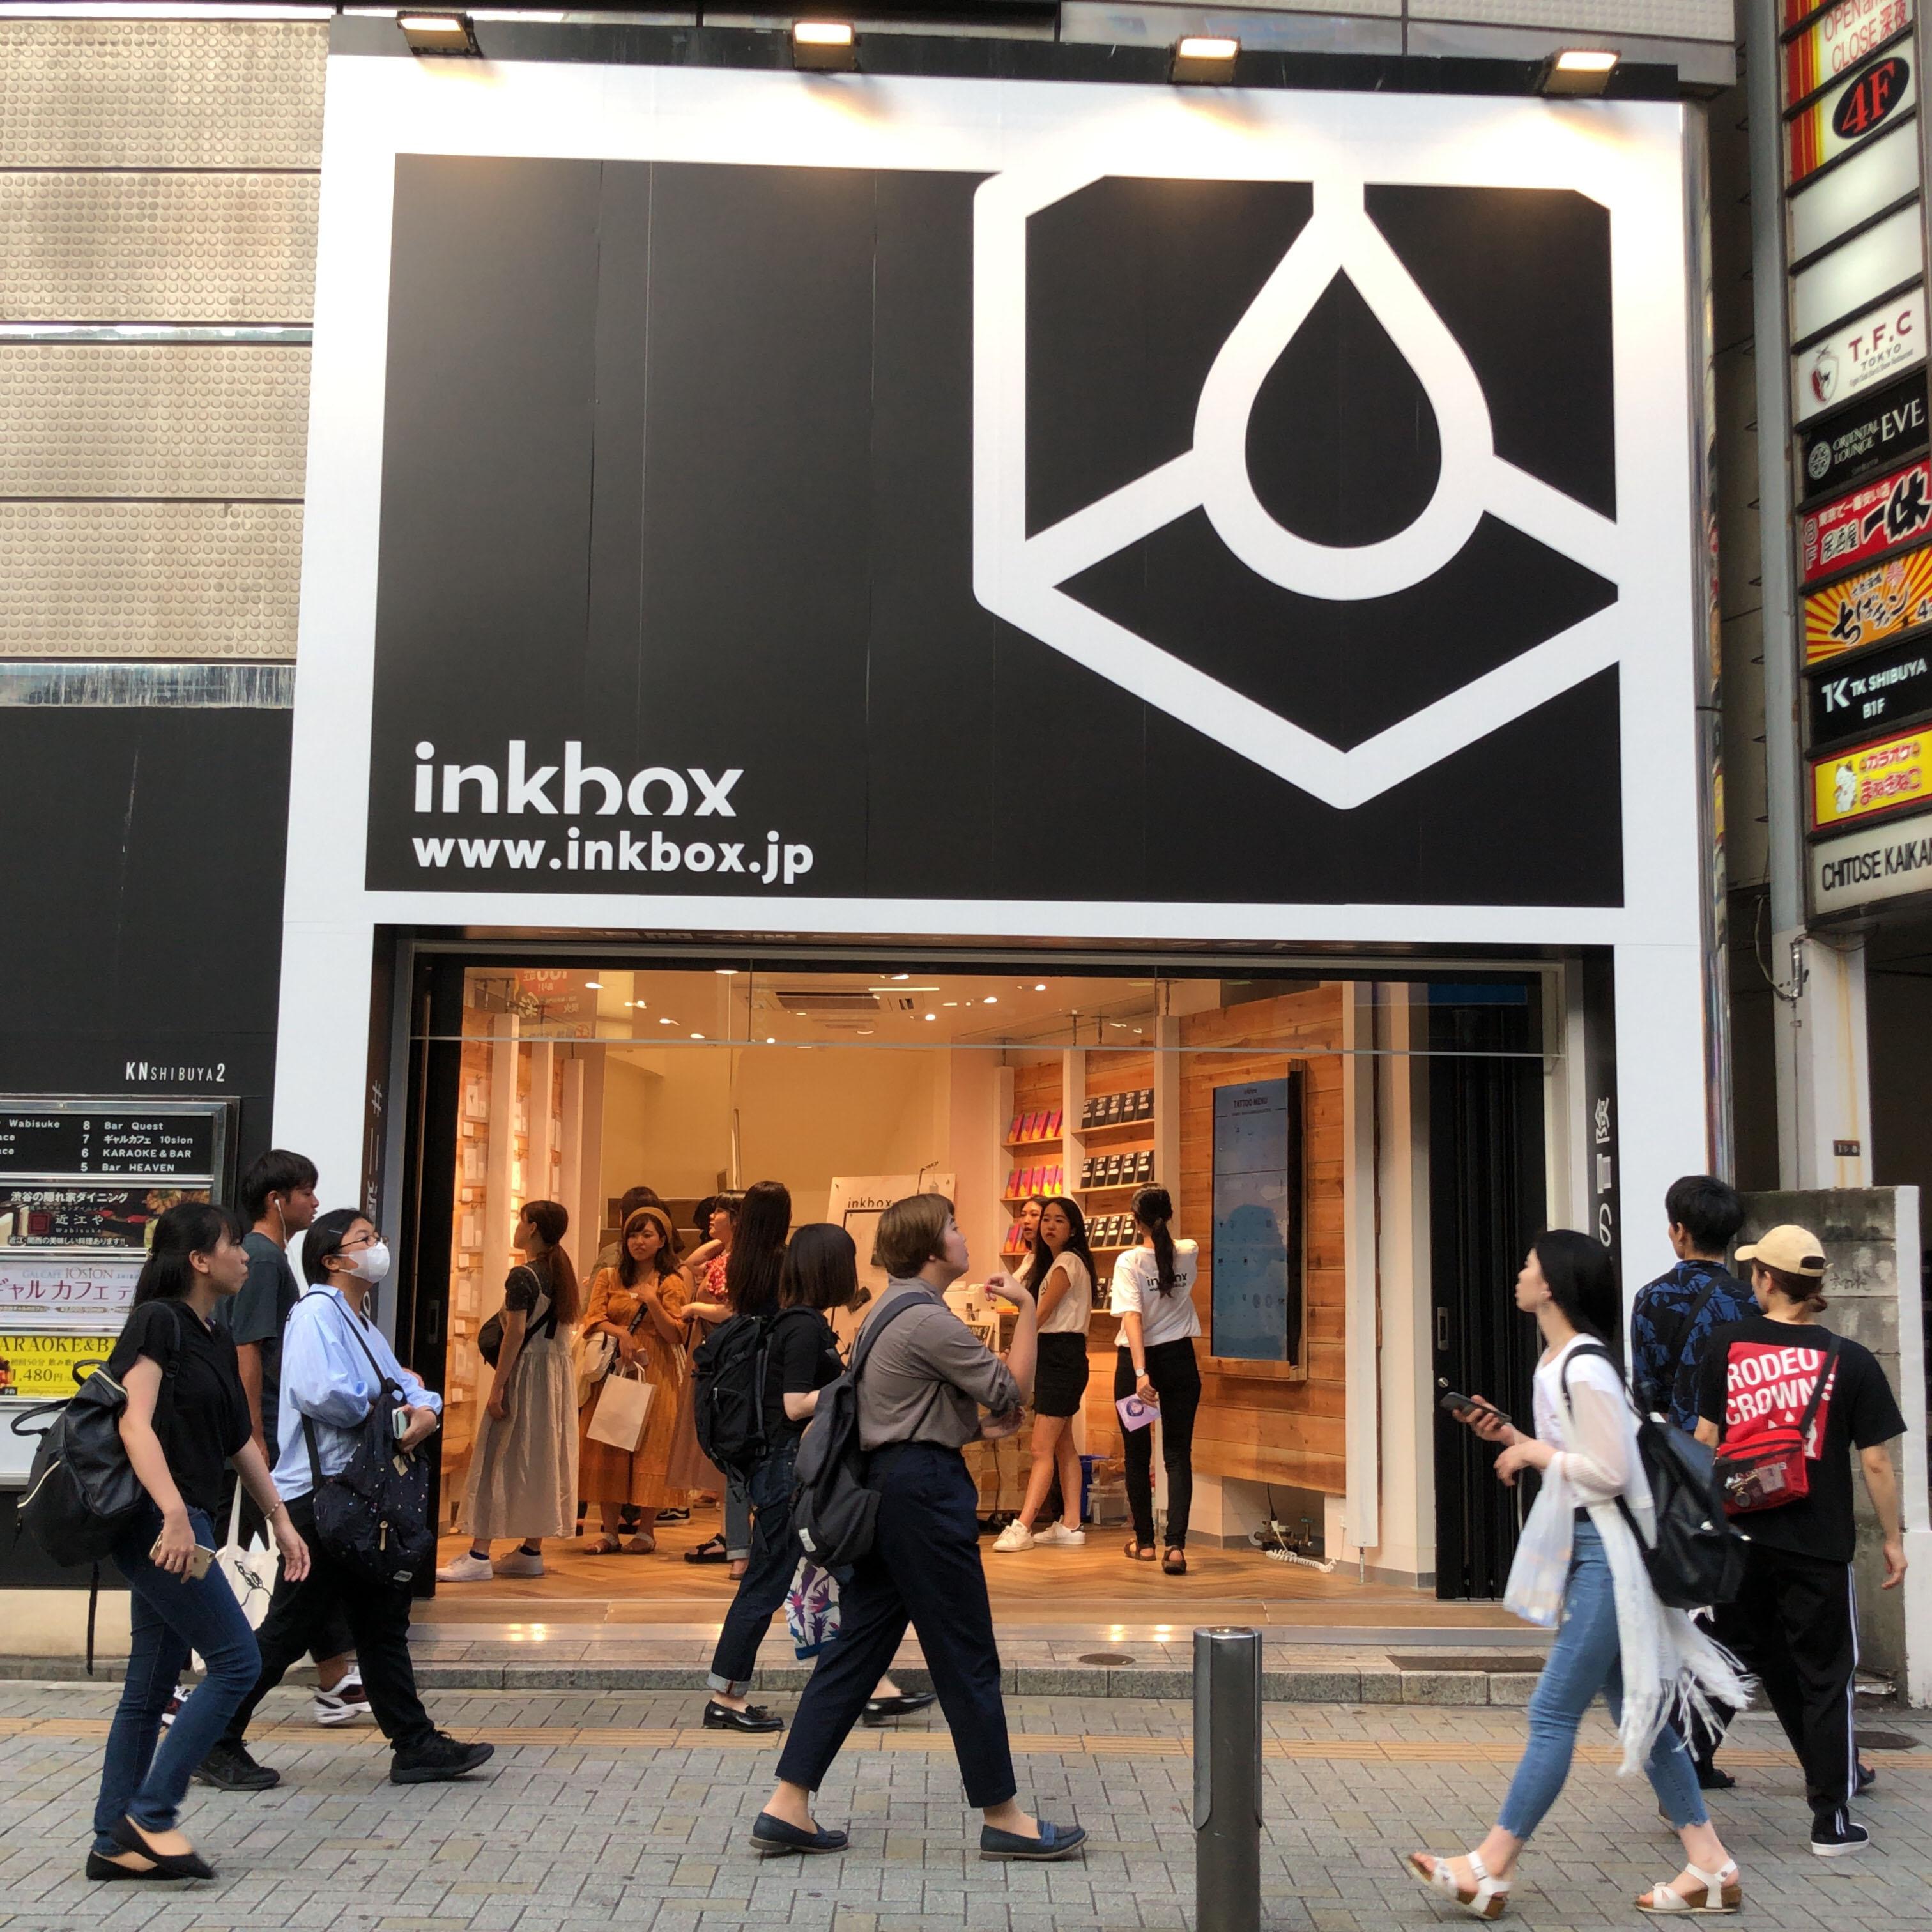 2週間で消えるオーガニックタトゥー「inkbox」POP-UP SHOP@渋谷 - thumb1